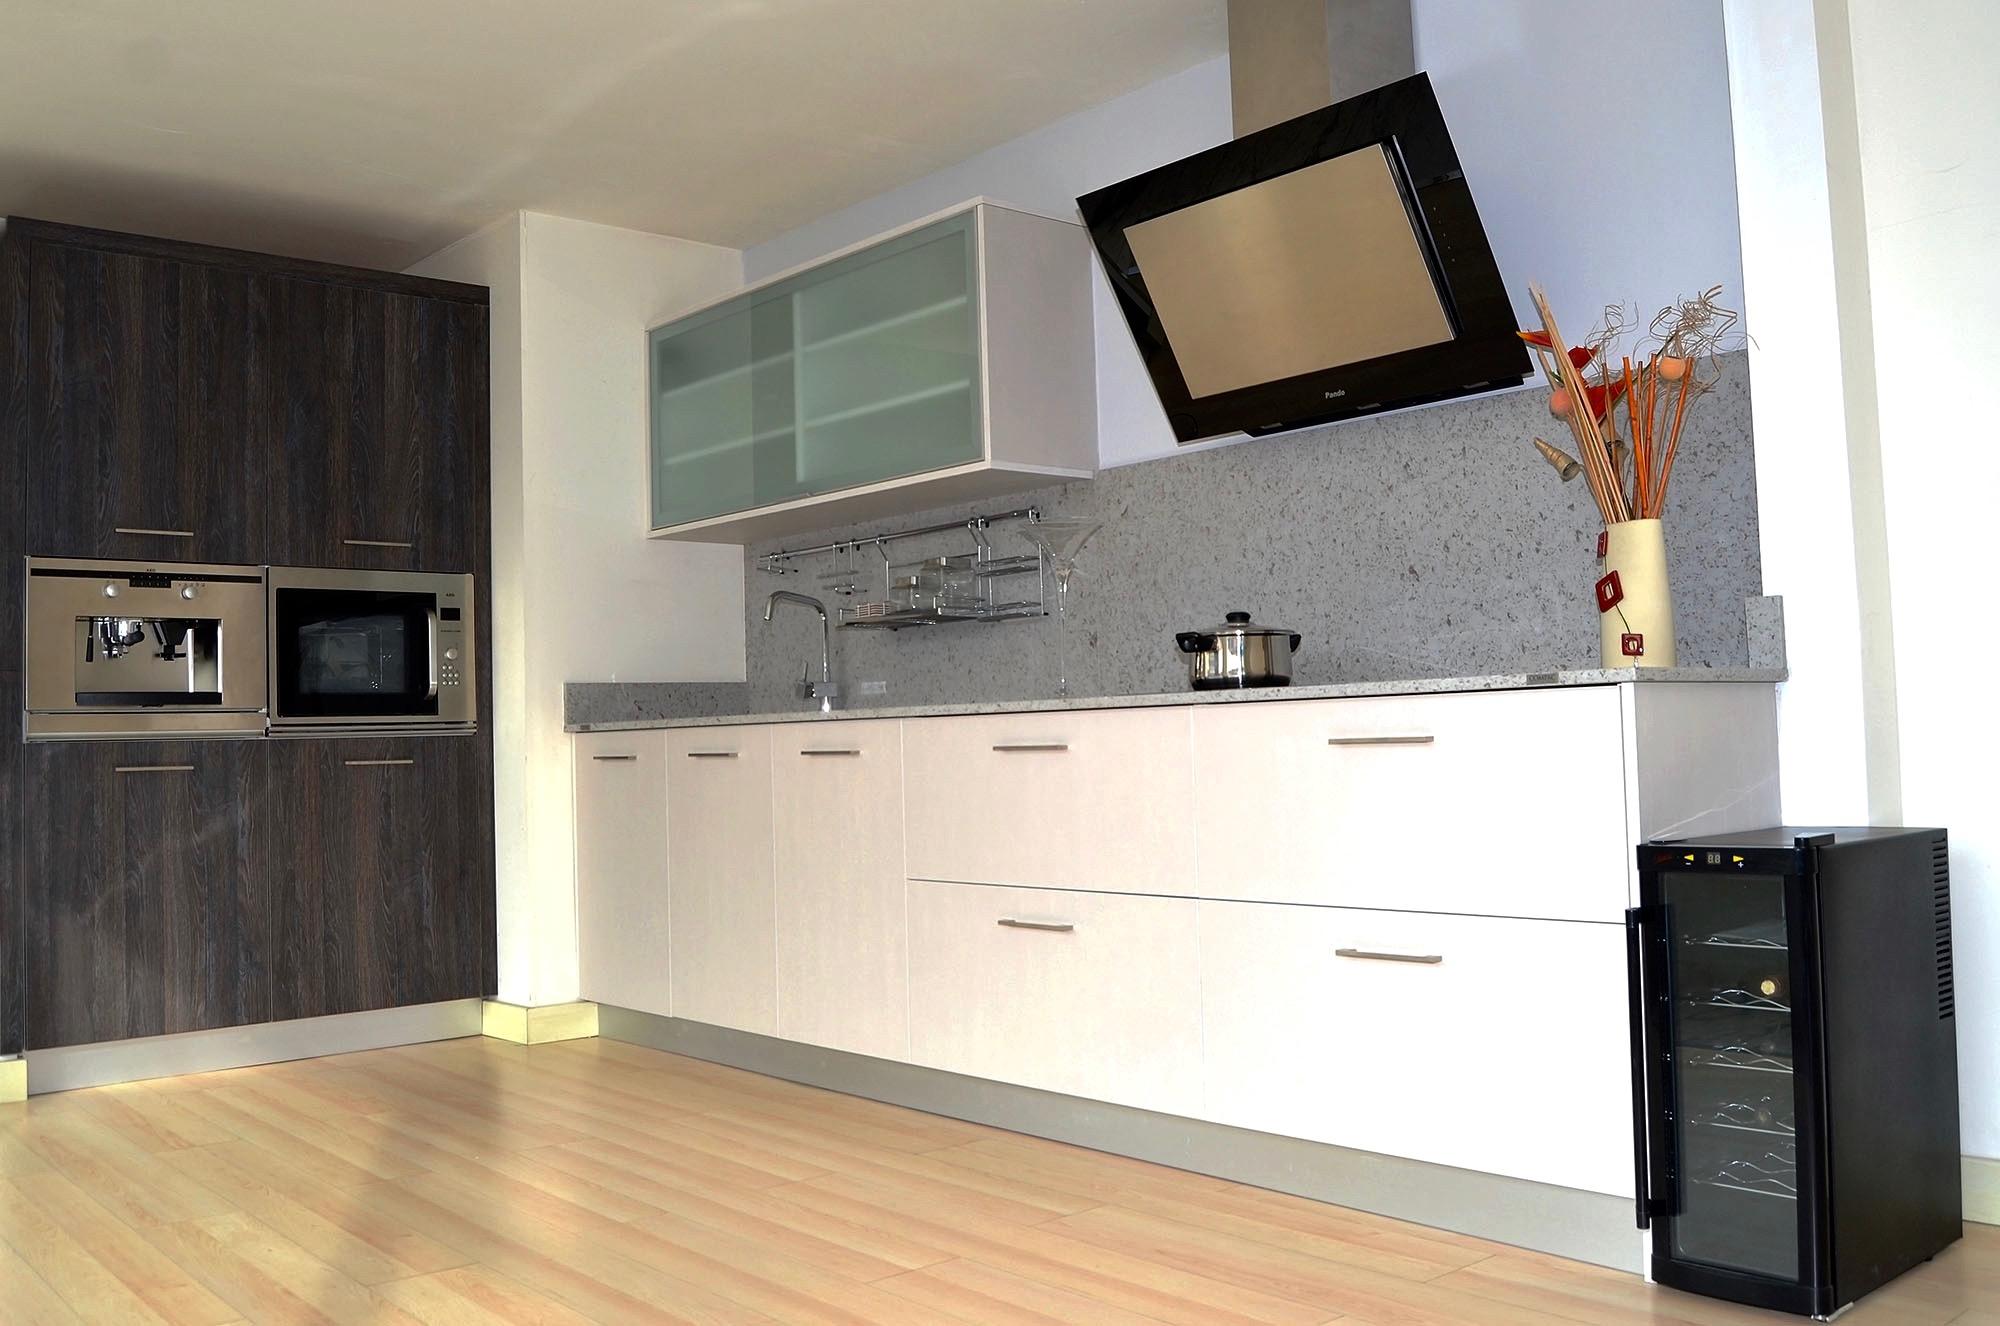 Tienda muebles cantabria muebles a medida en cantabria vivieca mobiliario - Segunda mano cantabria muebles ...